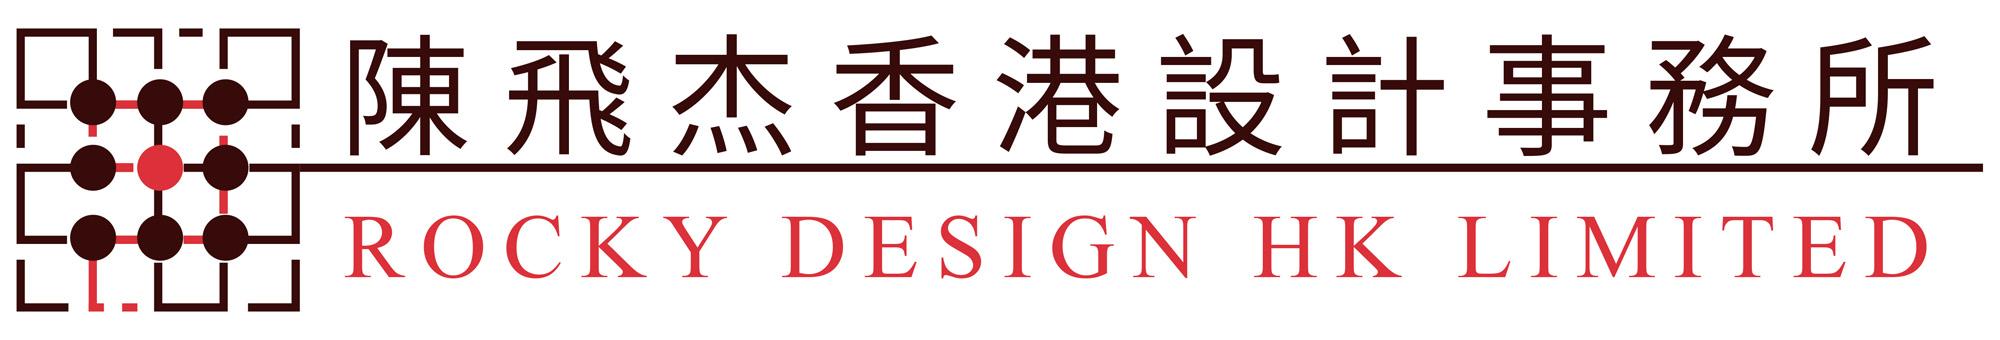 陈飞杰香港设计事务所招聘信息